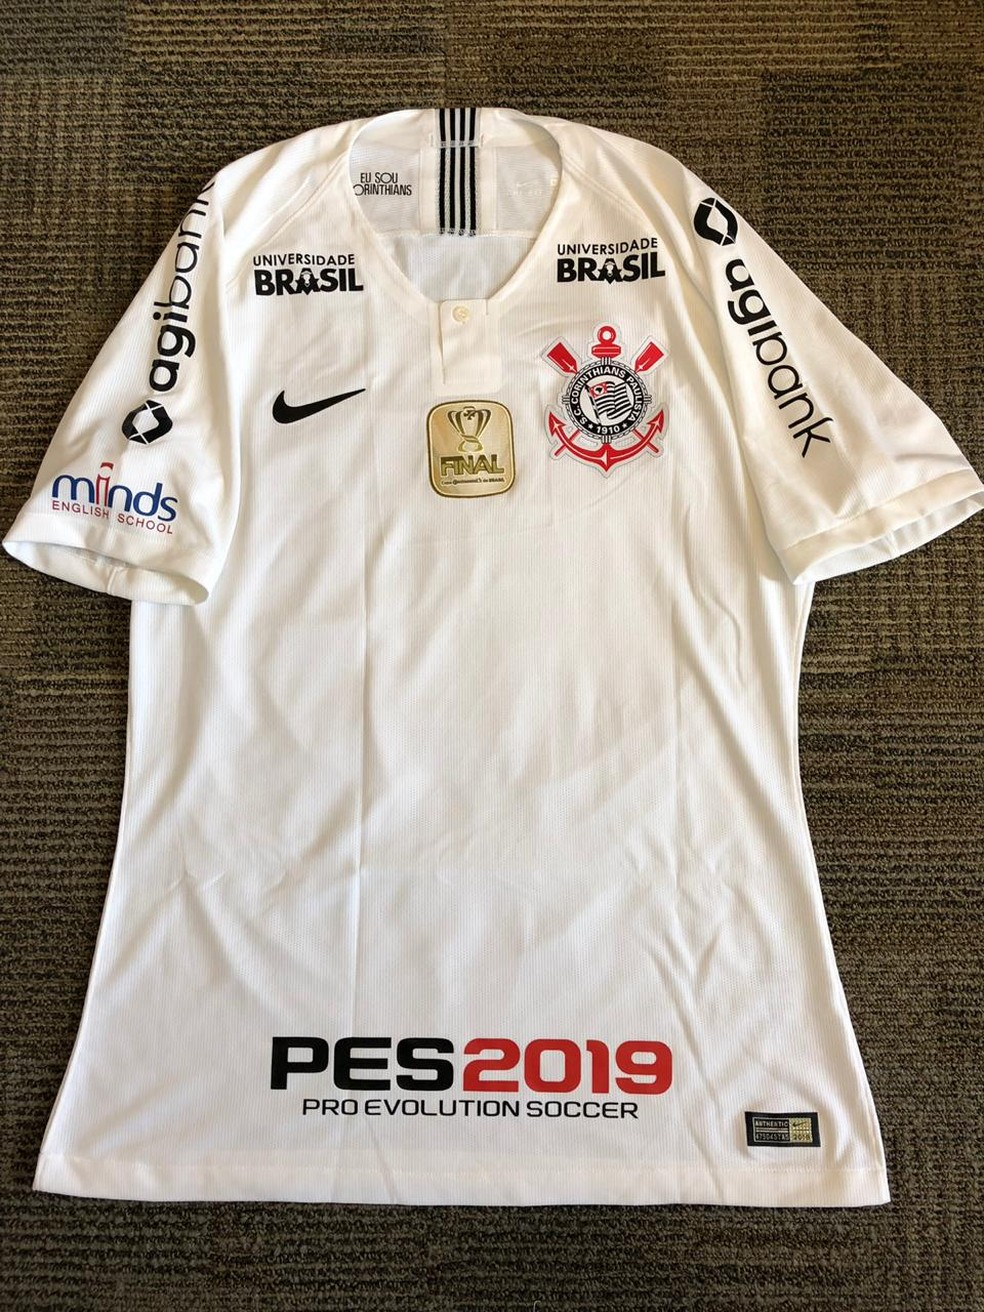 Camisa do Corinthians na final da Copa do Brasil — Foto: GloboEsporte.com